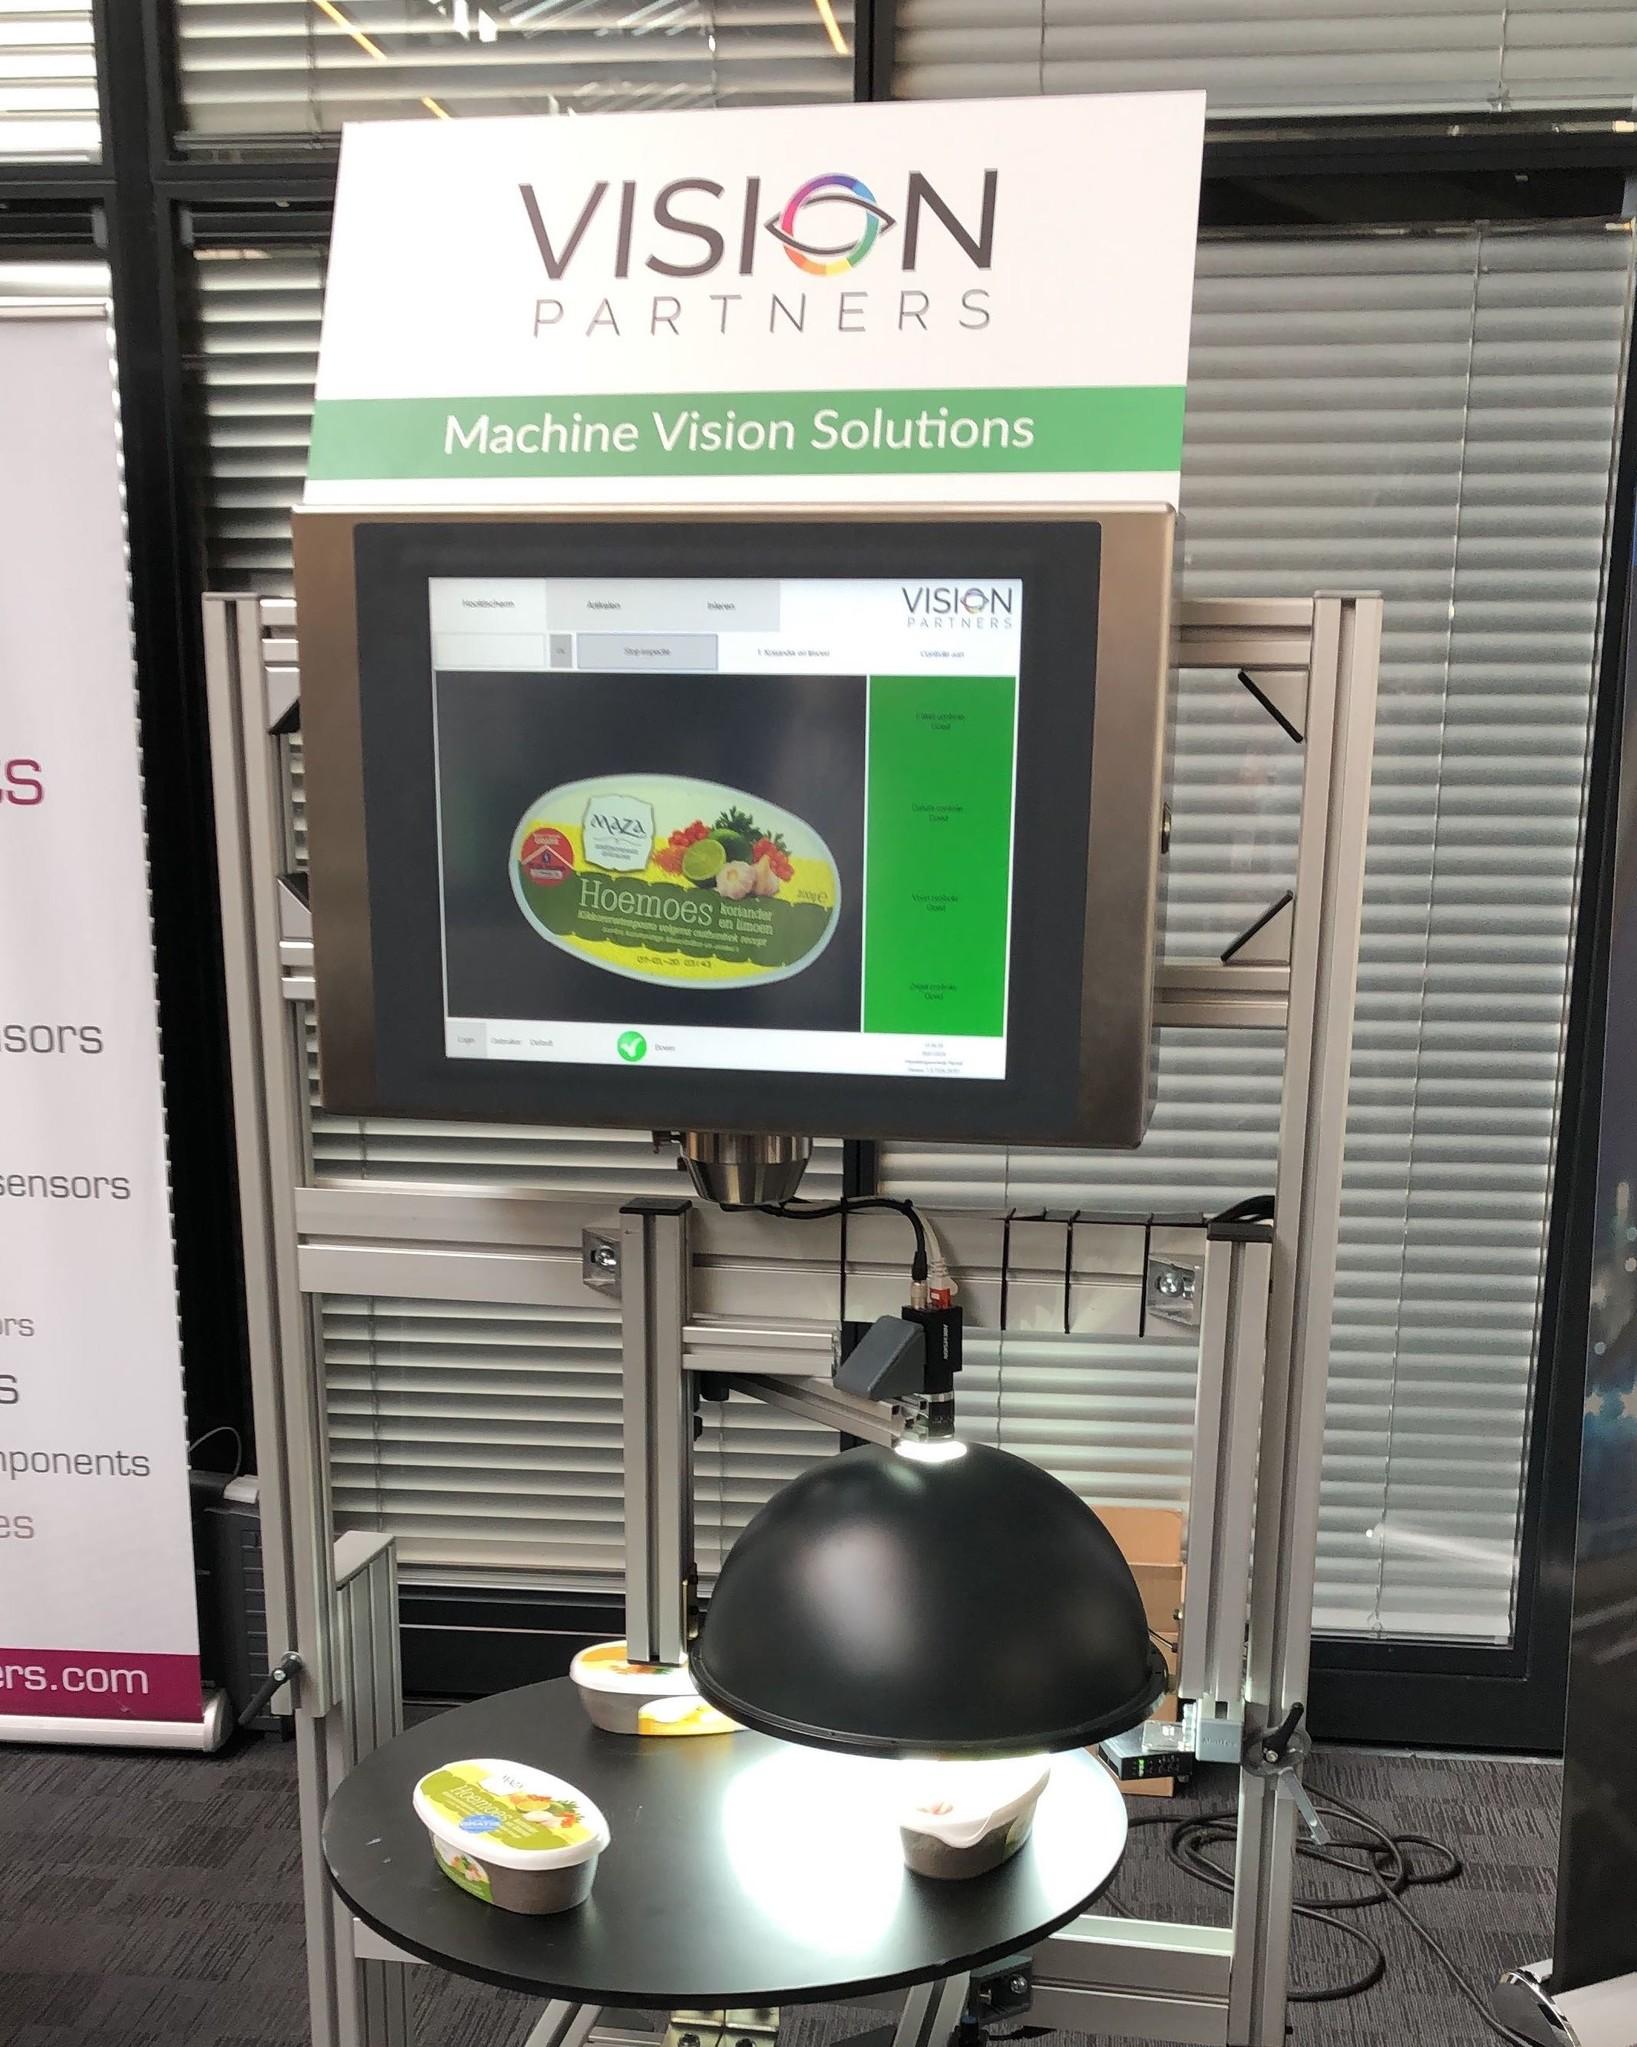 Vision Partners op beurzen in Nederland